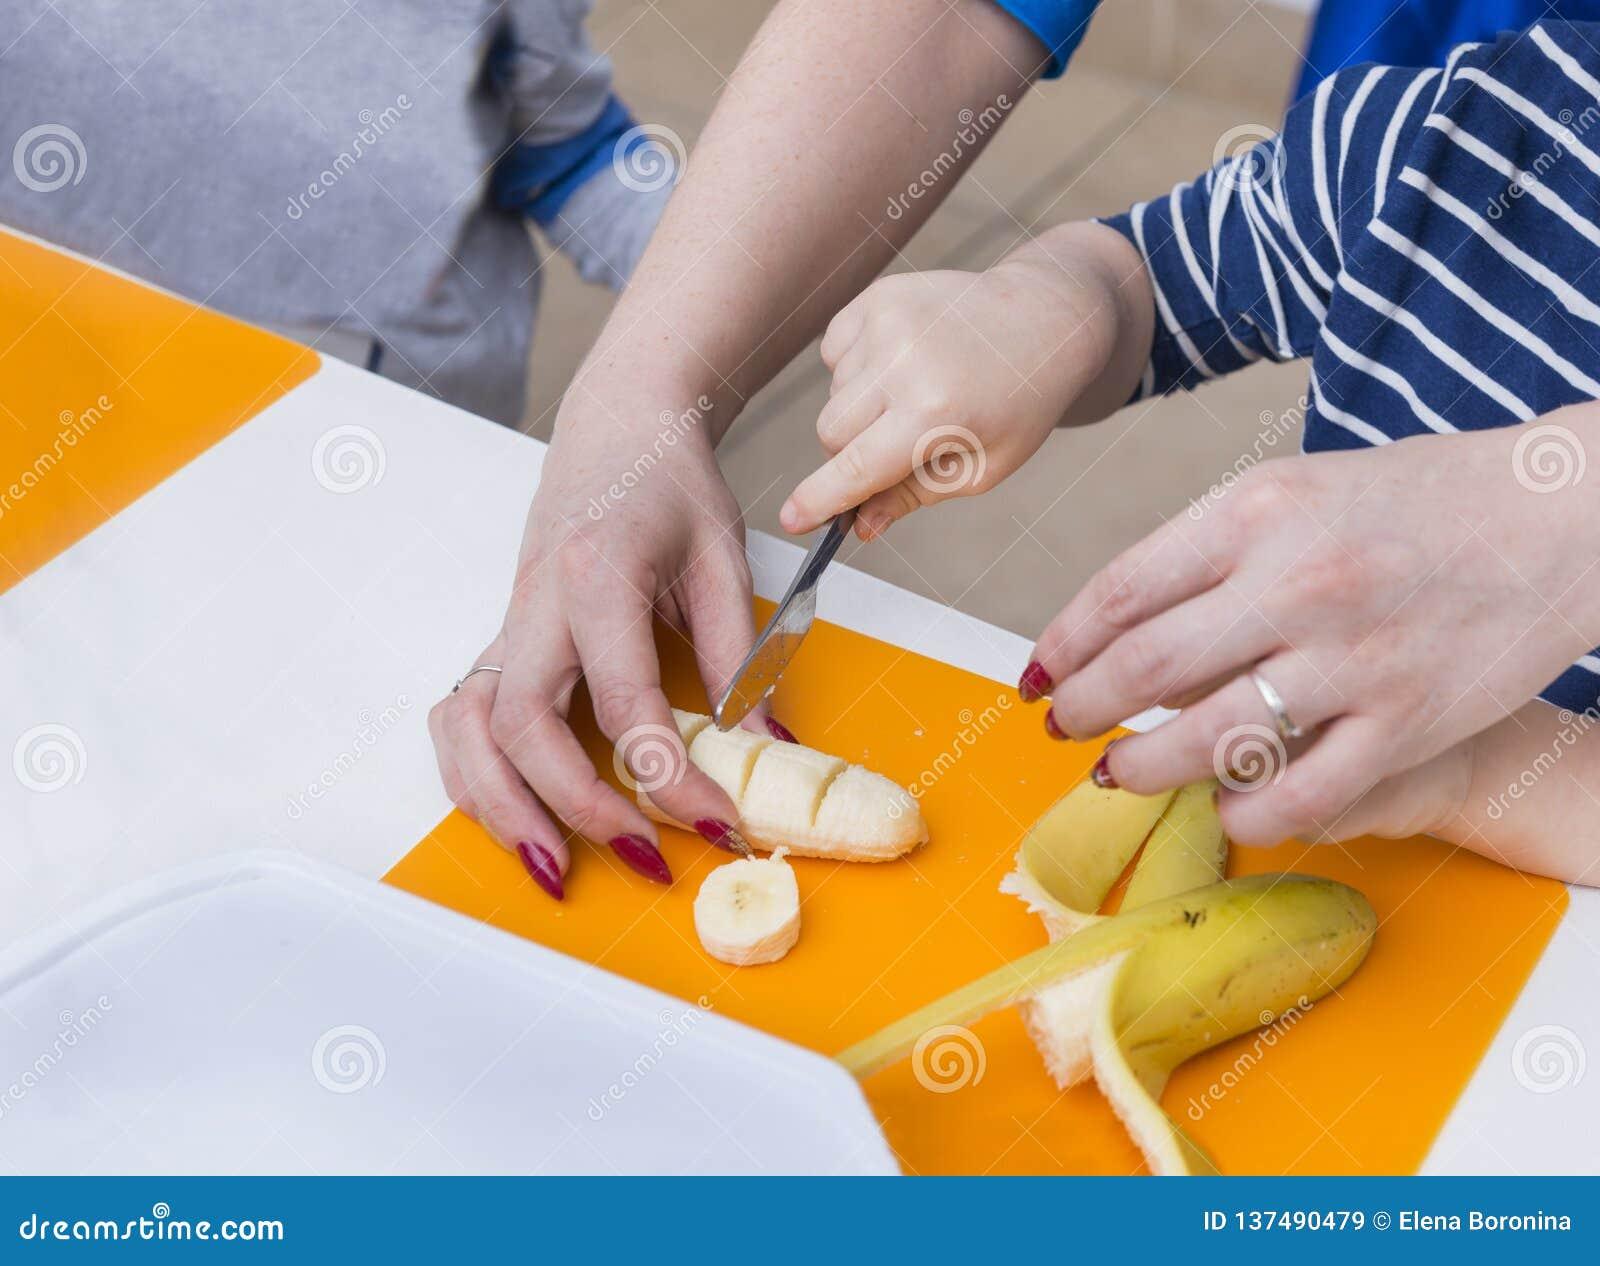 Barns hand med snitt för en kniv en banan, kvinnors händer